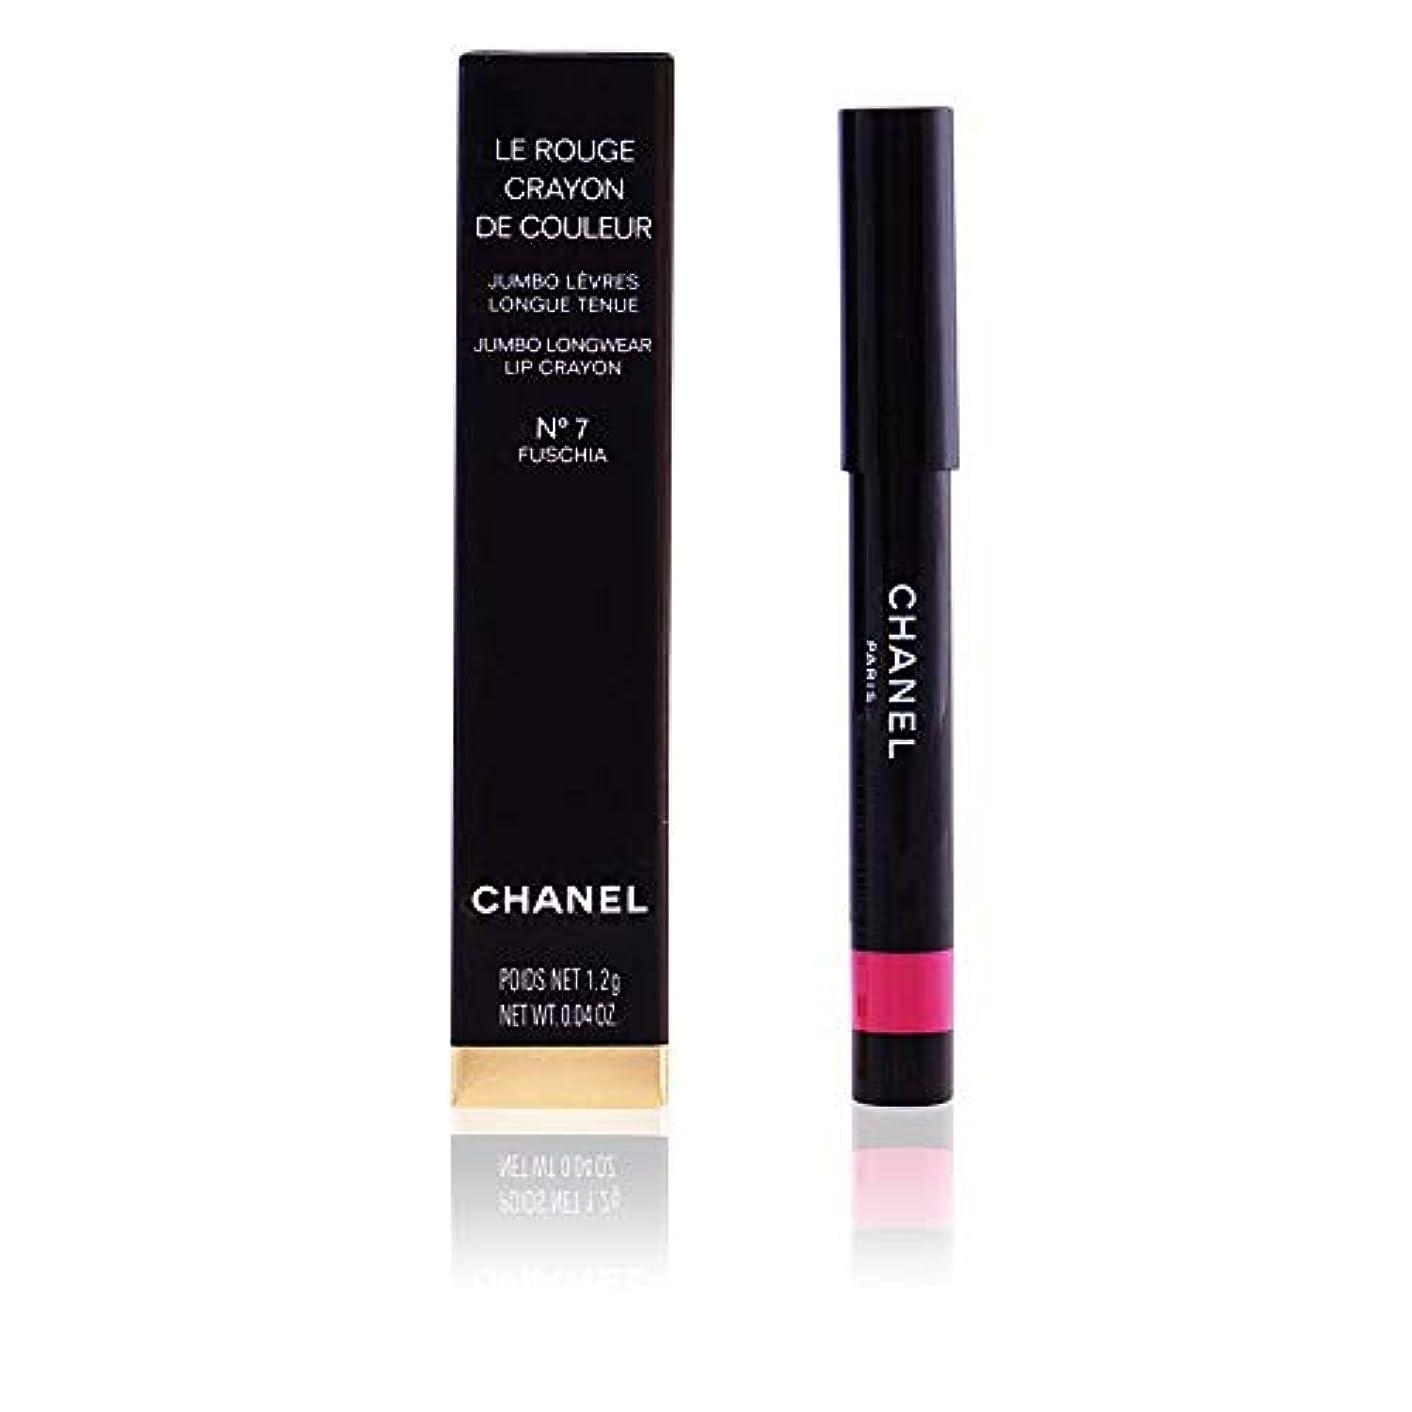 忘れっぽいエンドウリゾートシャネル Le Rouge Crayon De Couleur Jumbo Longwear Lip Crayon - # 2 Rose Violine 1.2g/0.04oz並行輸入品